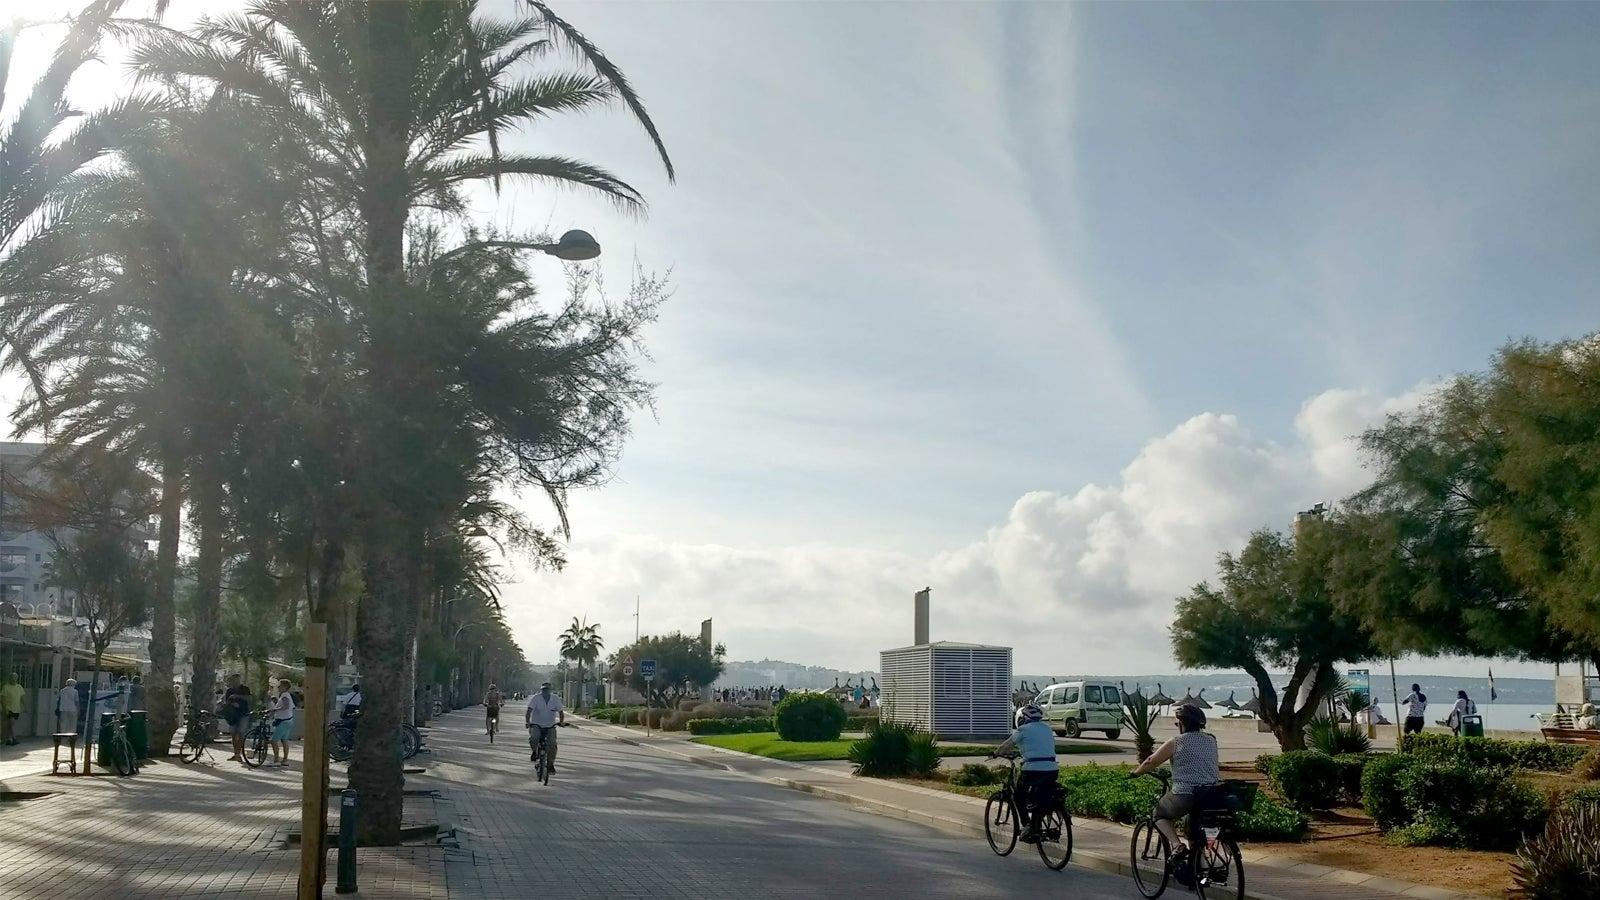 Flut, Zerstörung, Katastrophenbilder: Verunsicherte Touristen meiden Mallorca